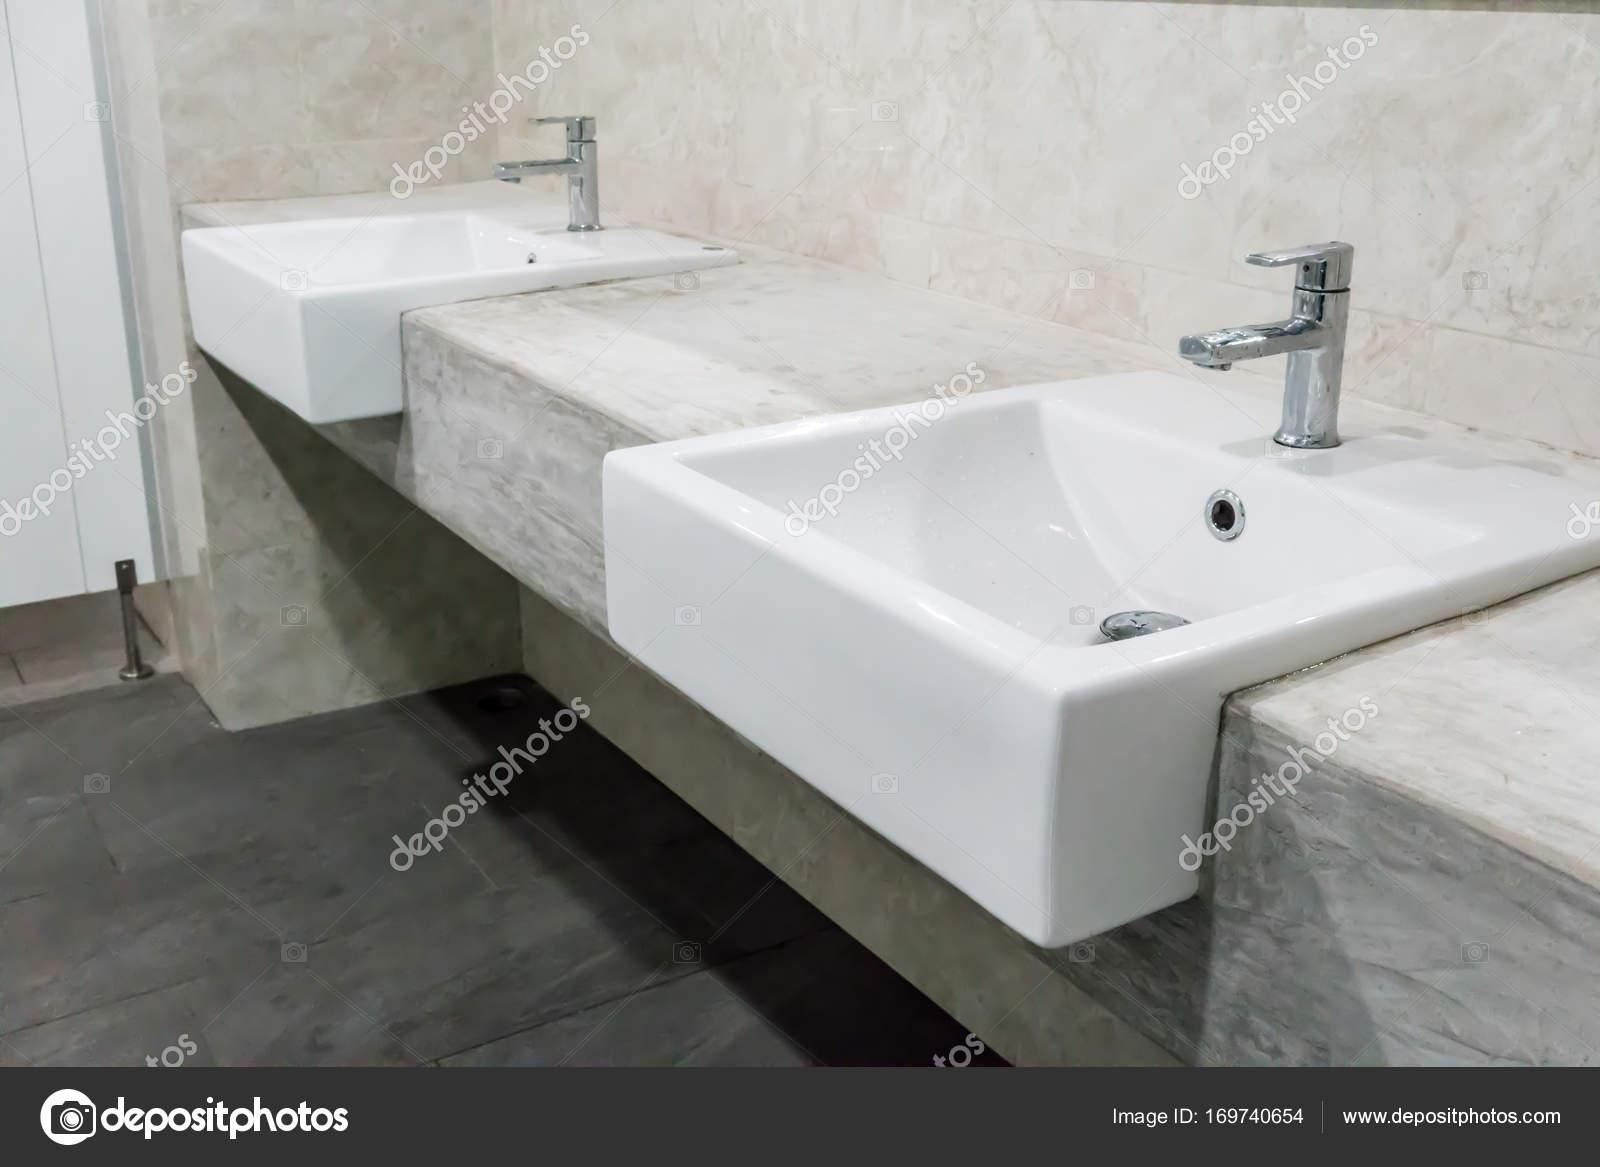 Minimalistycznym Stylu łazienka Z Dwoma Umywalkami I Granit